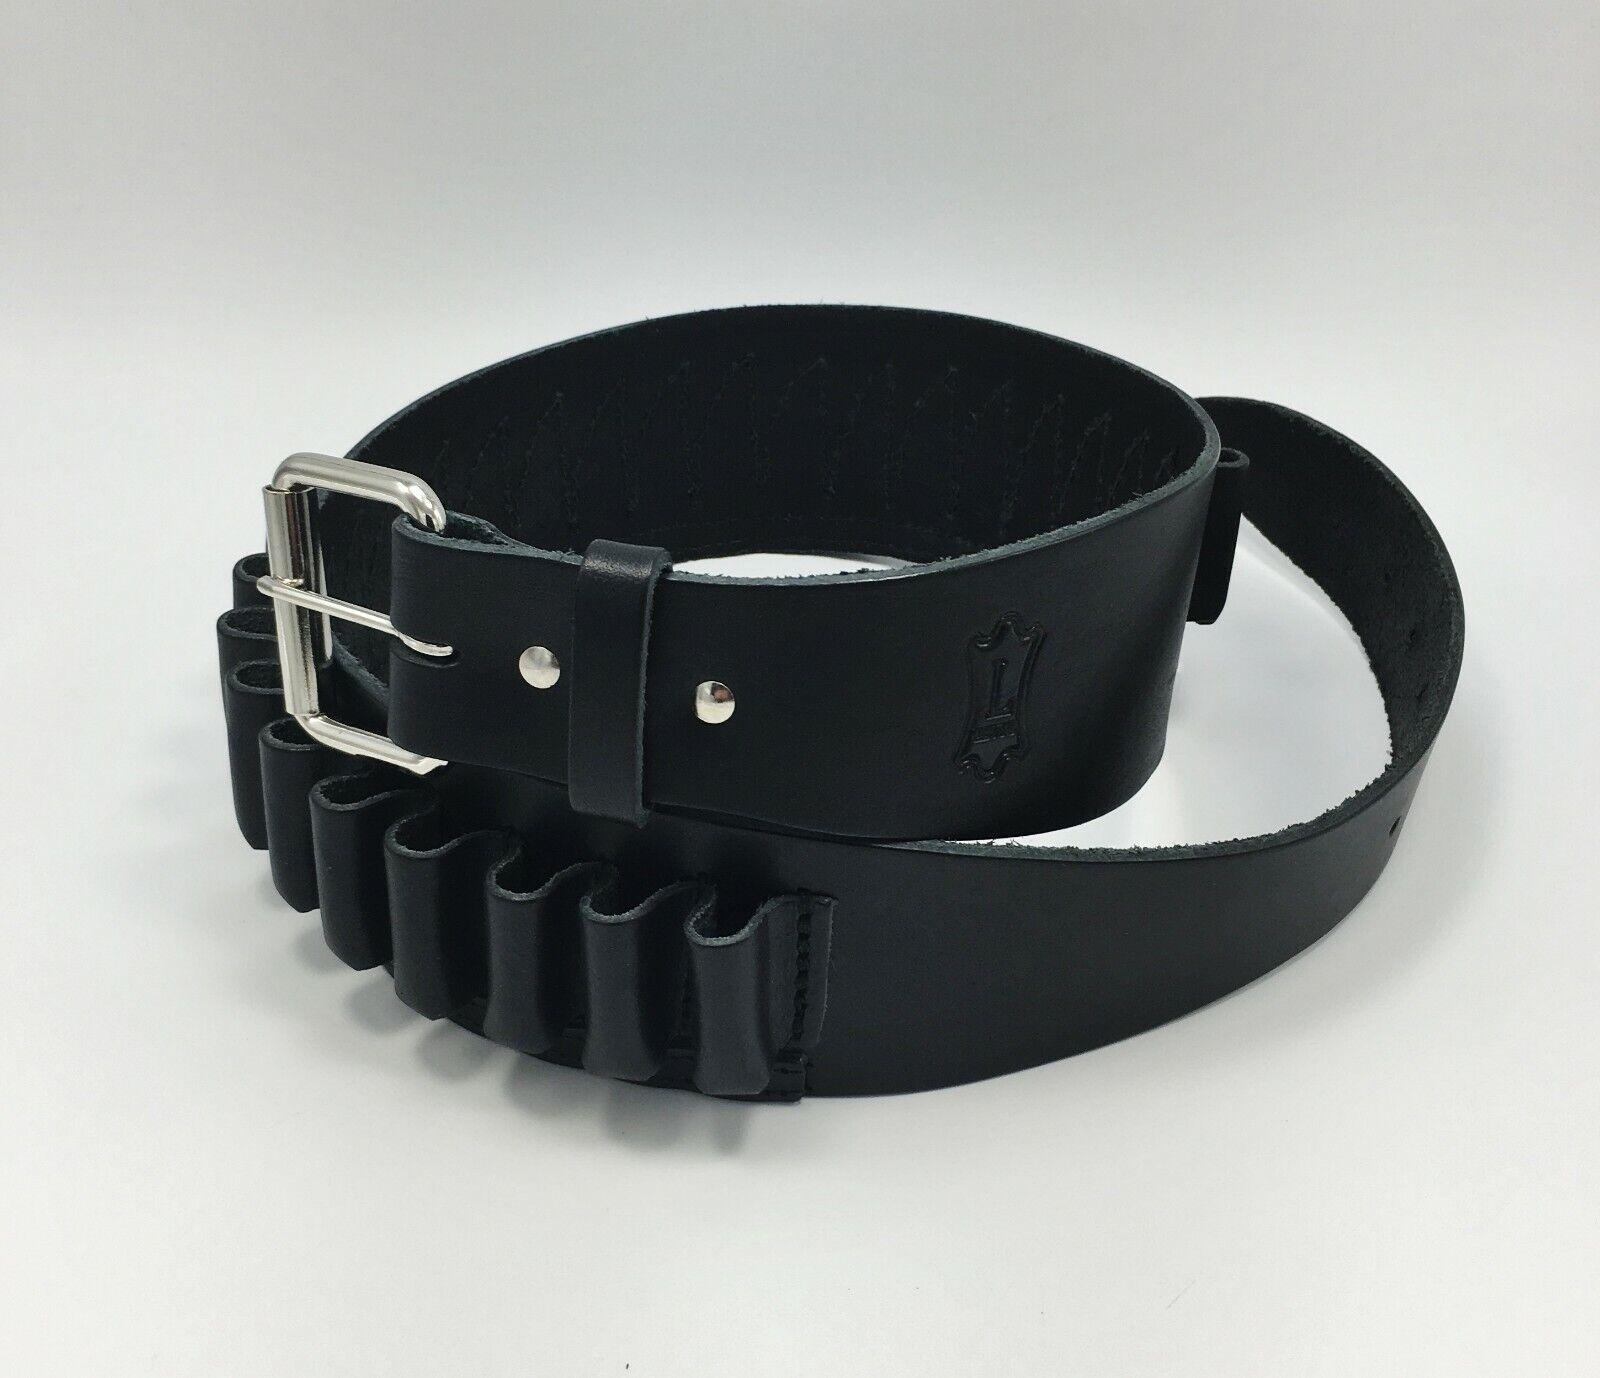 Levy's cueros calibre 20 Cartucho De Concha De Escopeta EV47-20 Cinturón Negro-Elige tamaño